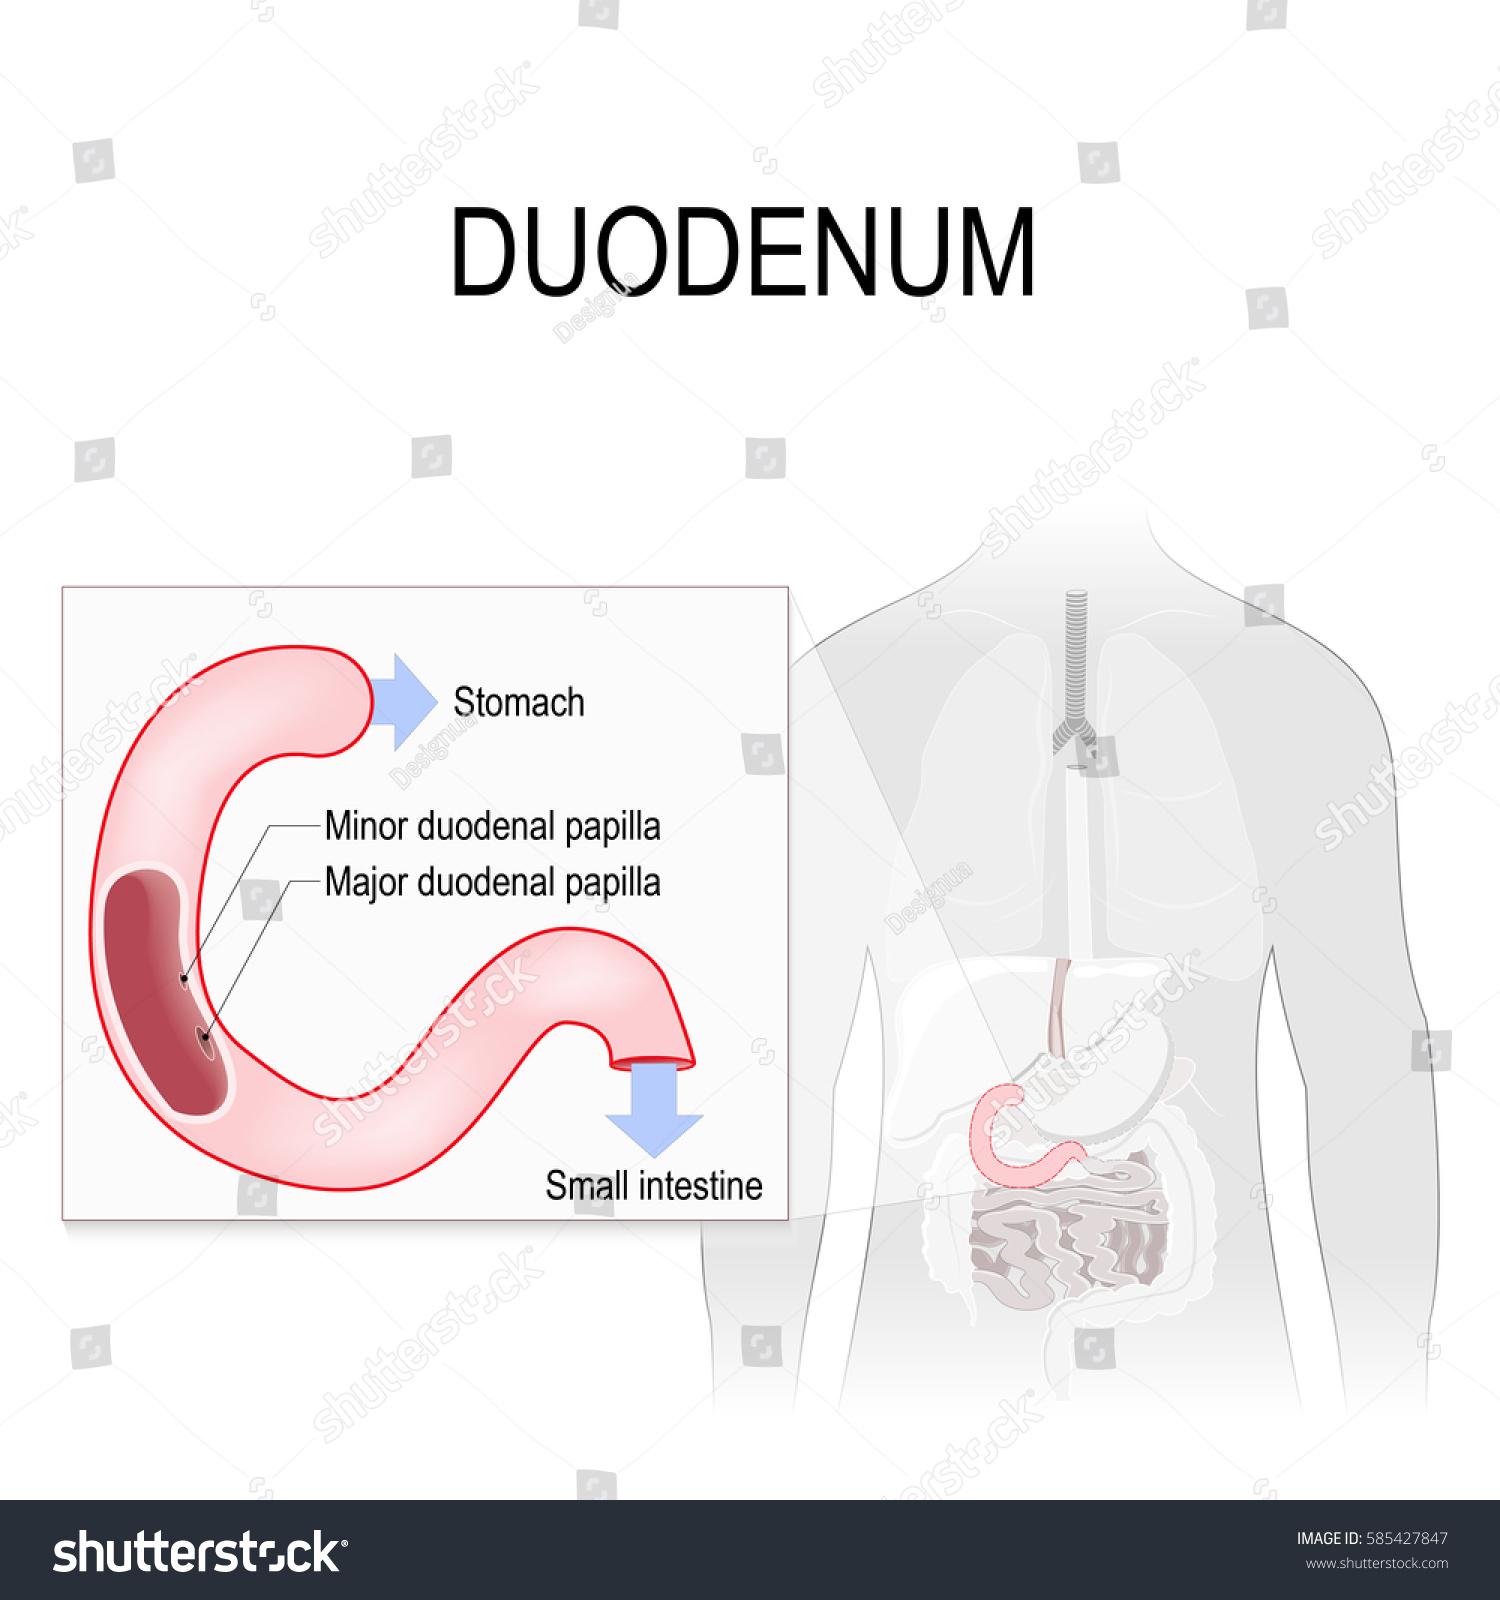 Duodenum anatomy